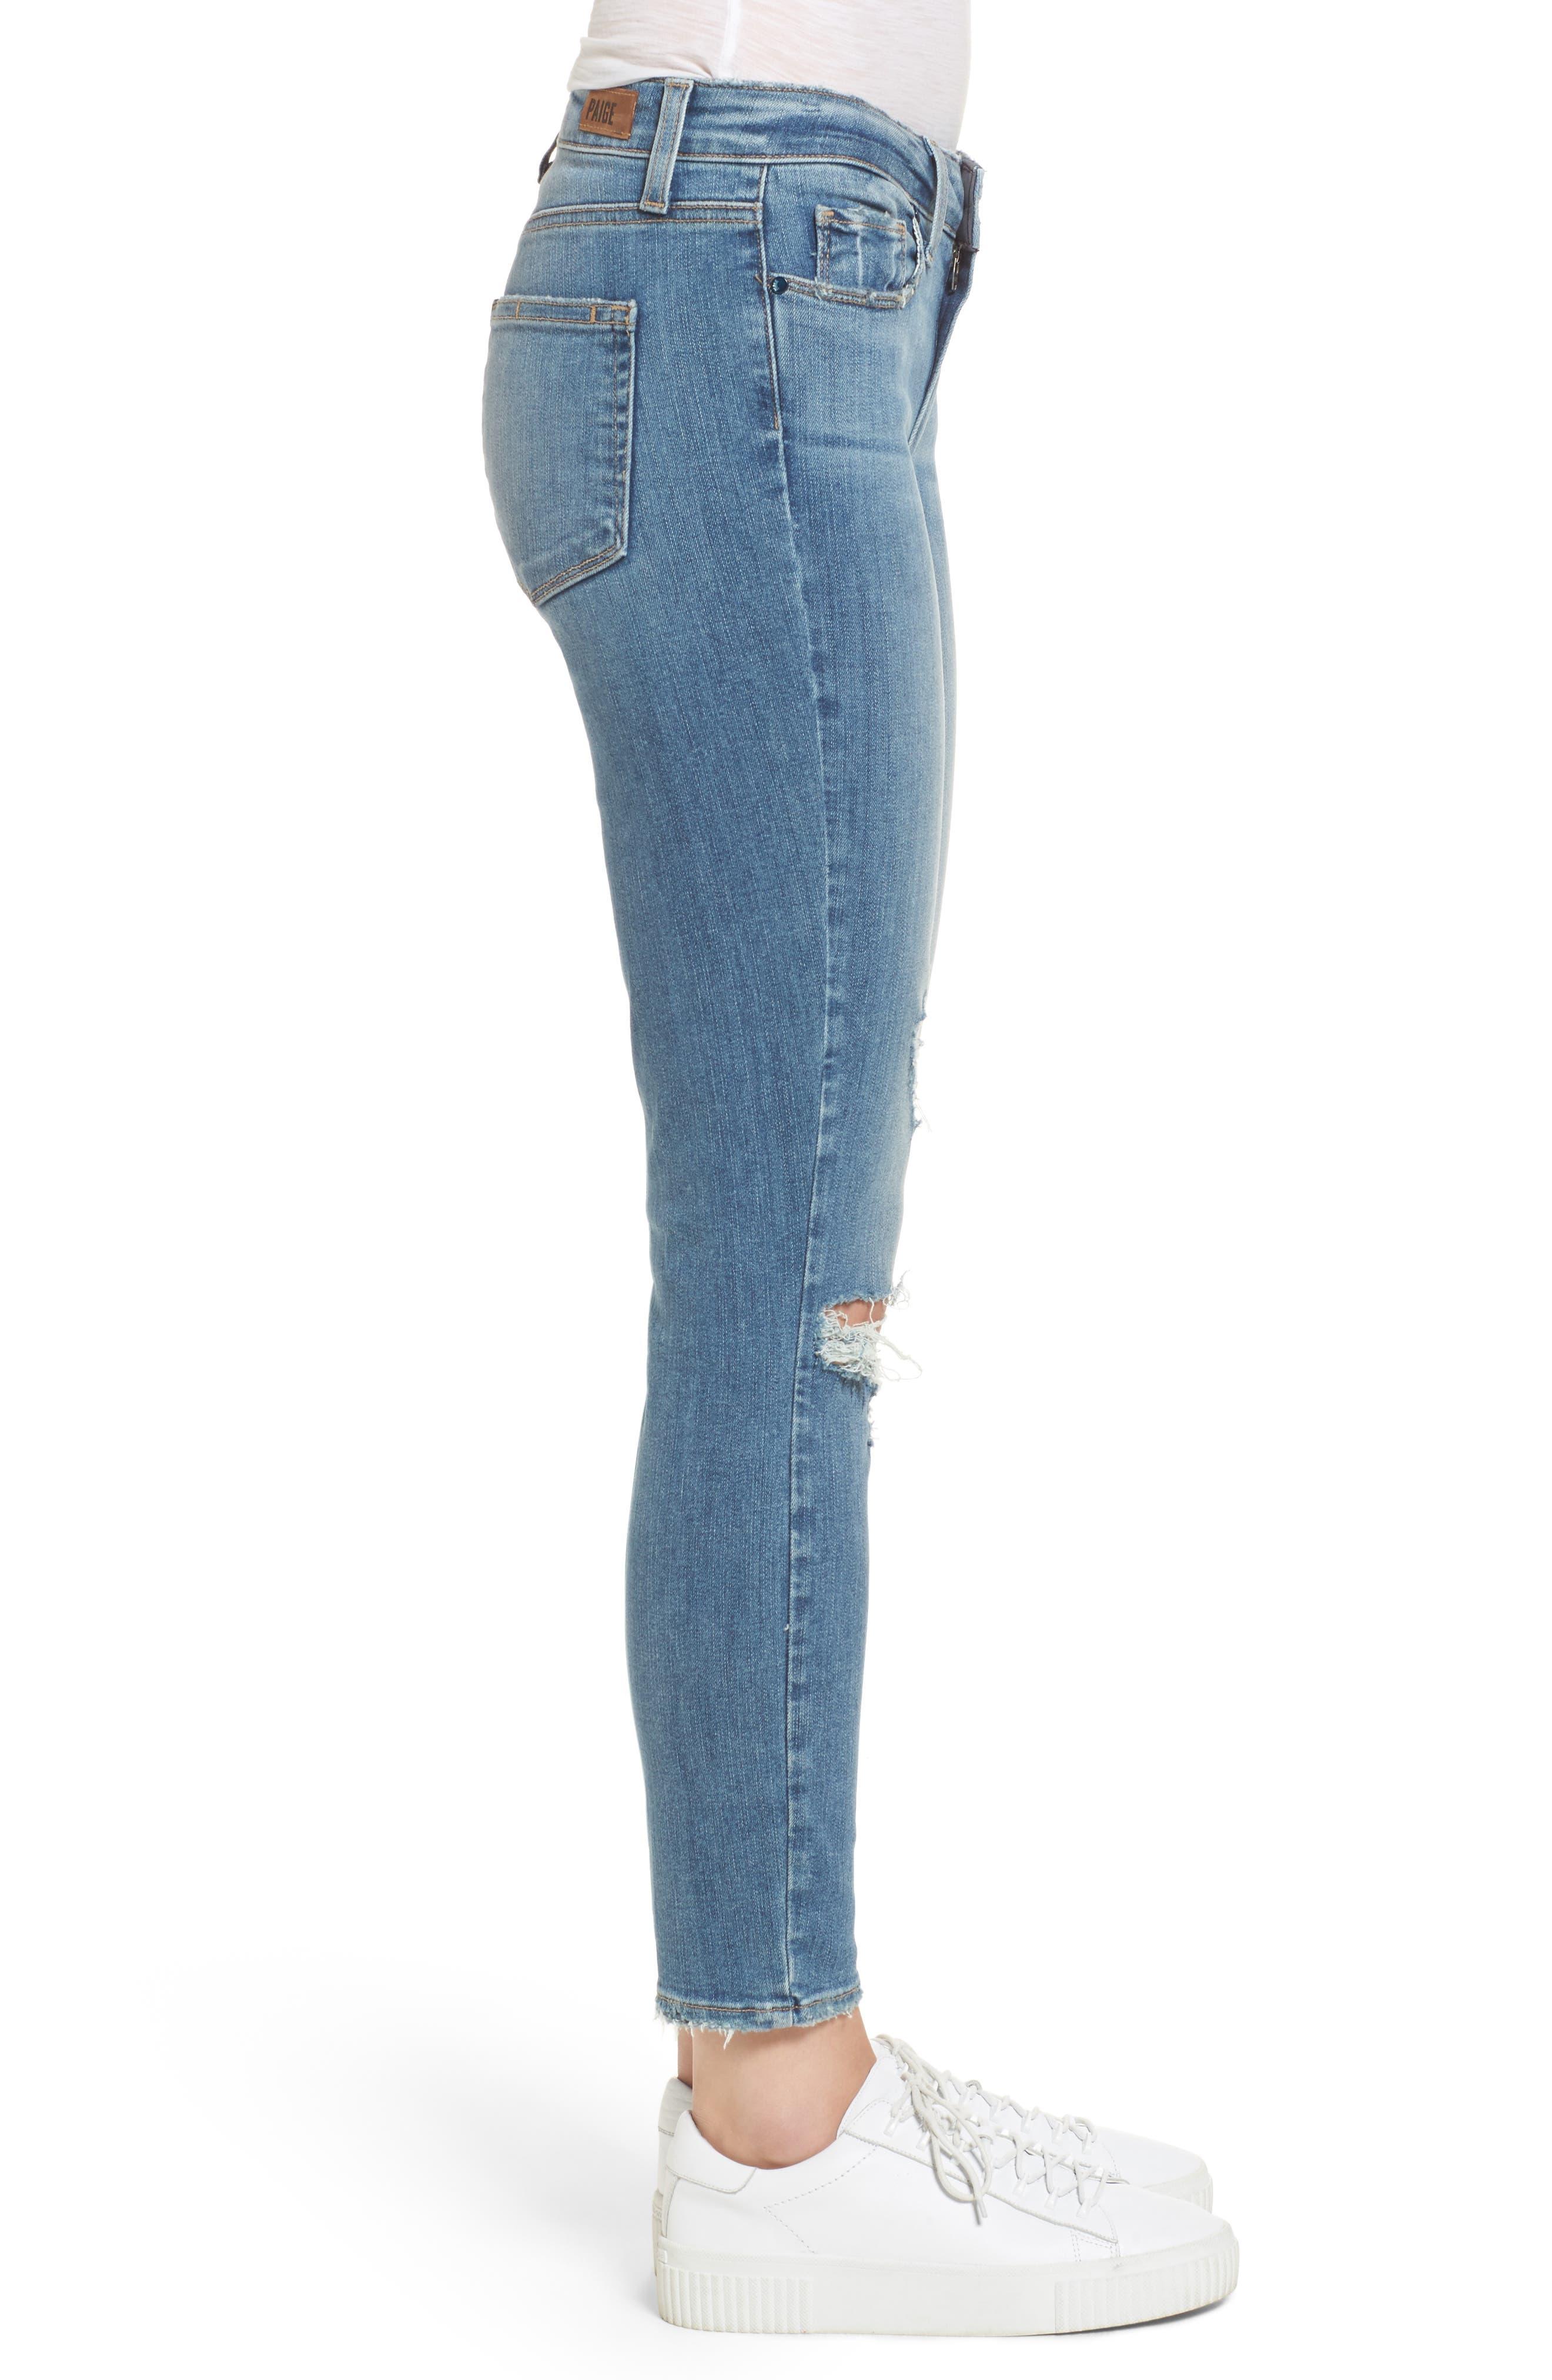 Transcend Vintage - Hoxton High Waist Crop Jeans,                             Alternate thumbnail 4, color,                             400